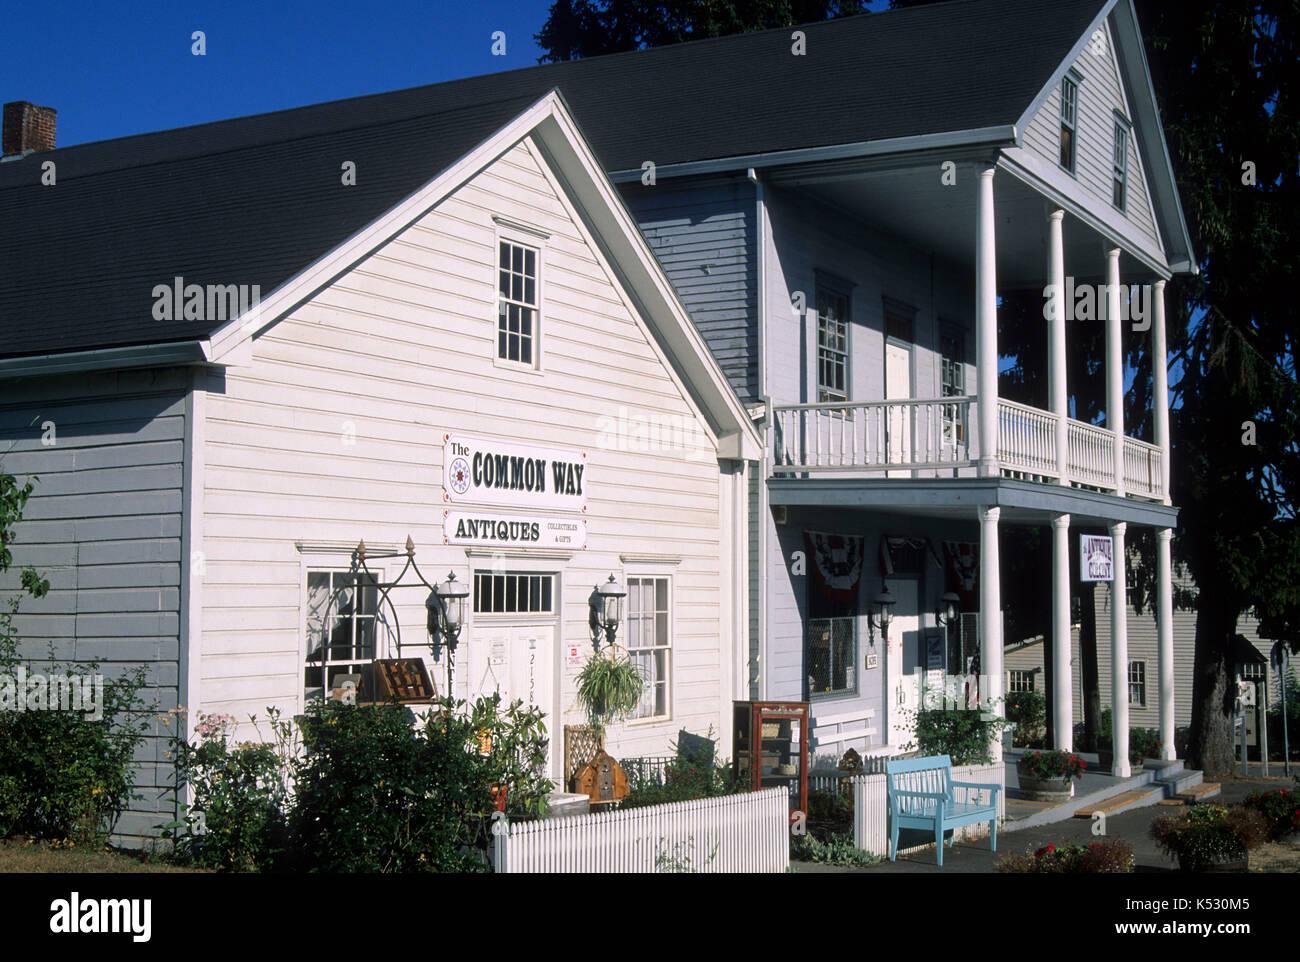 aurora oregon antique stores Antique store, Aurora, Oregon Stock Photo: 158033013   Alamy aurora oregon antique stores